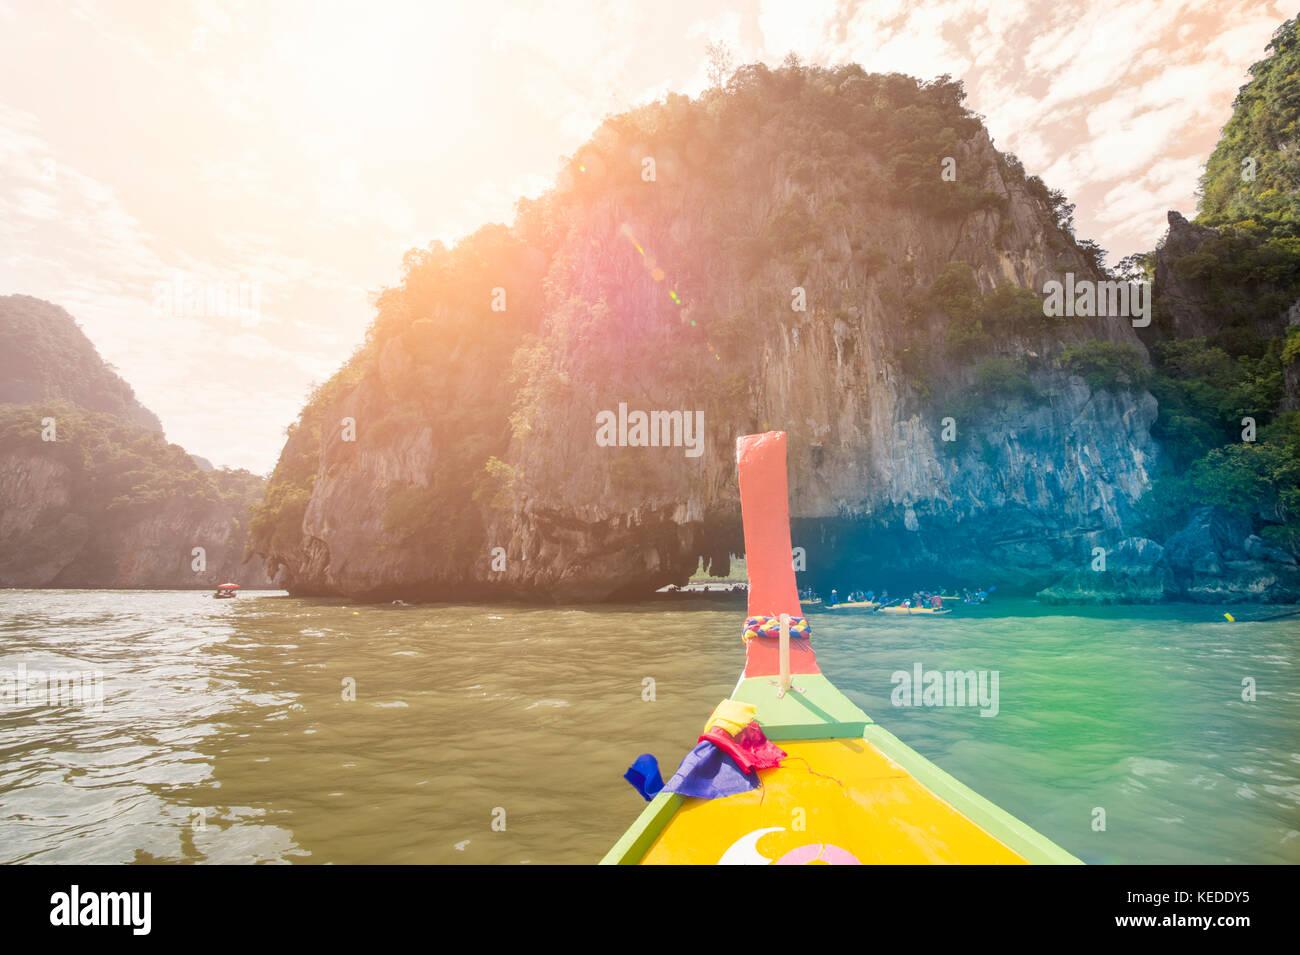 A long tail boat is sailing in the Ao Phang Nga (Phang Nga Bay) National Park at sunset. Phang Nga is one of the - Stock Image